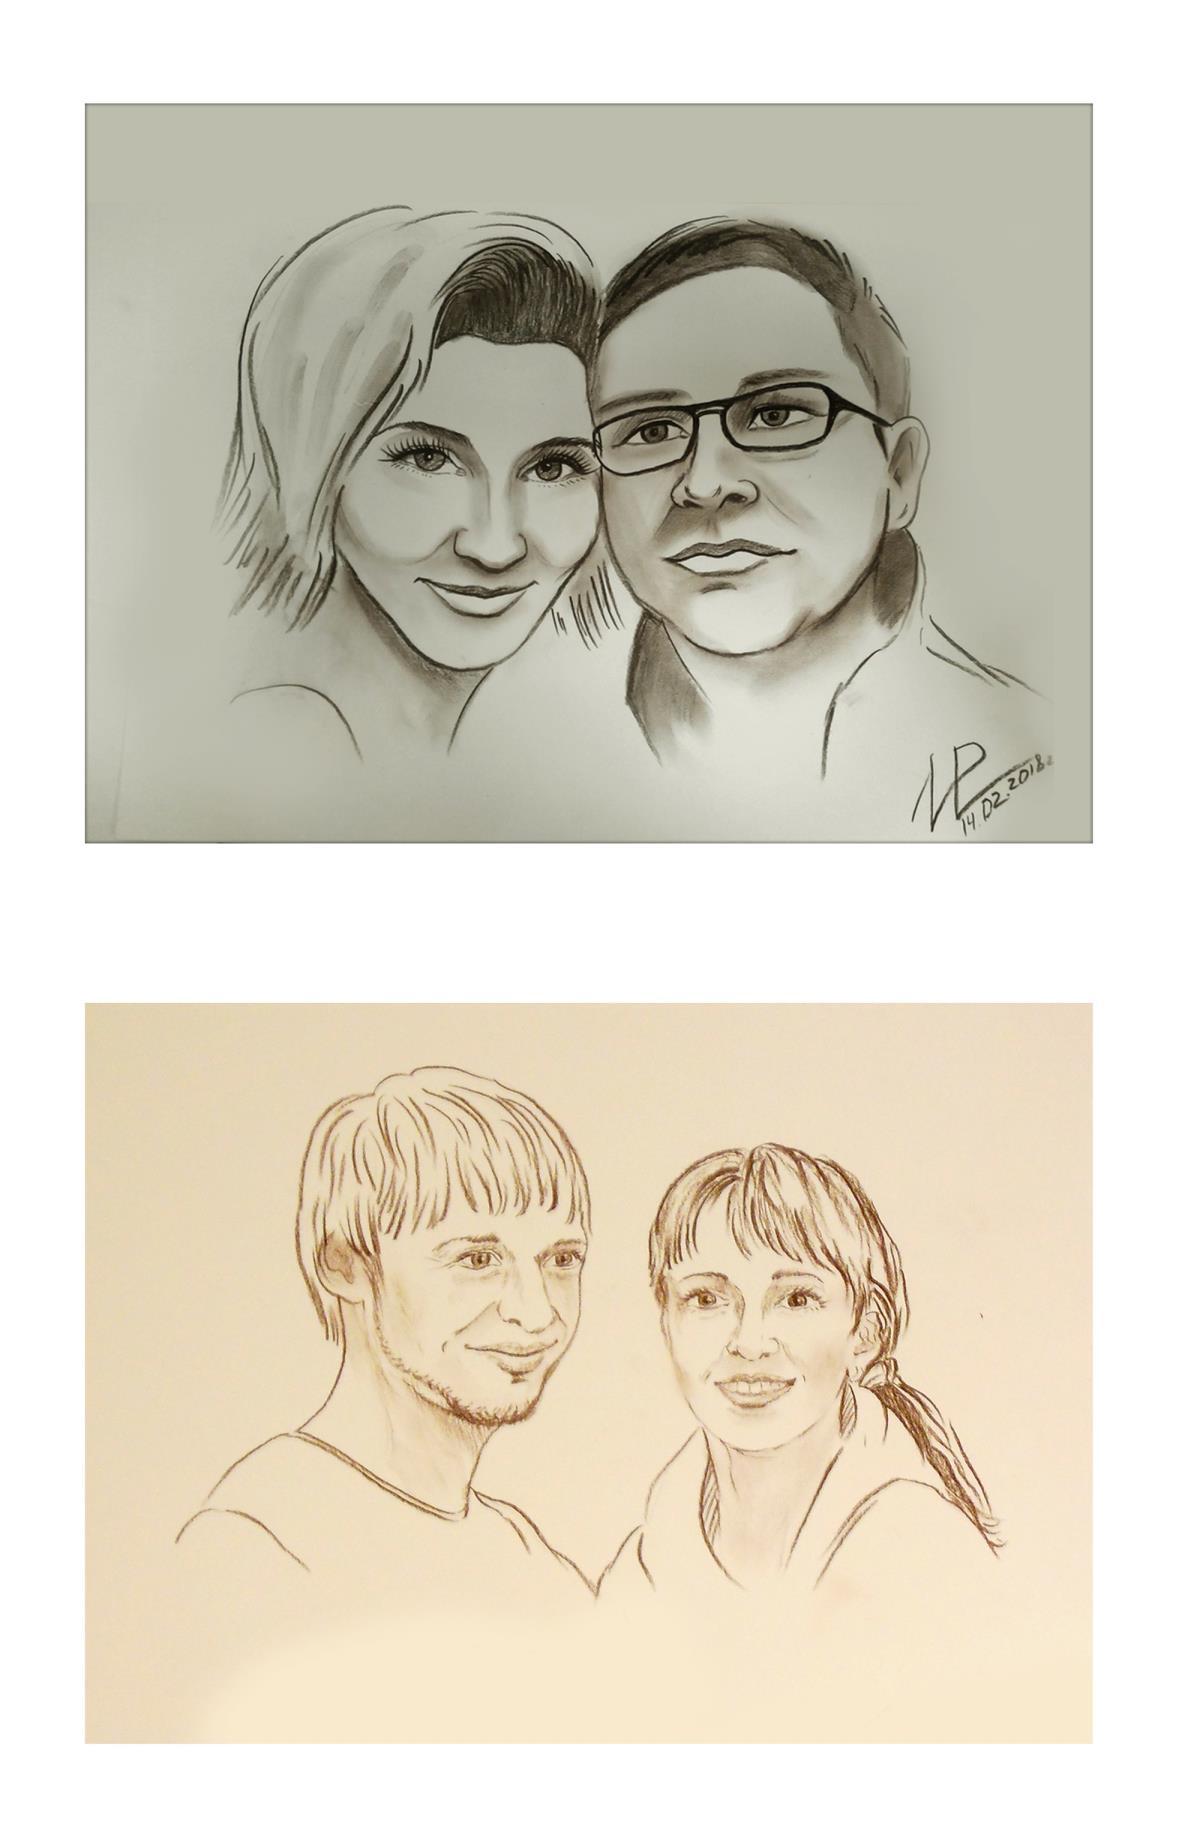 изделия Ирины Кузнецовой, конкурс радуга творчества 2